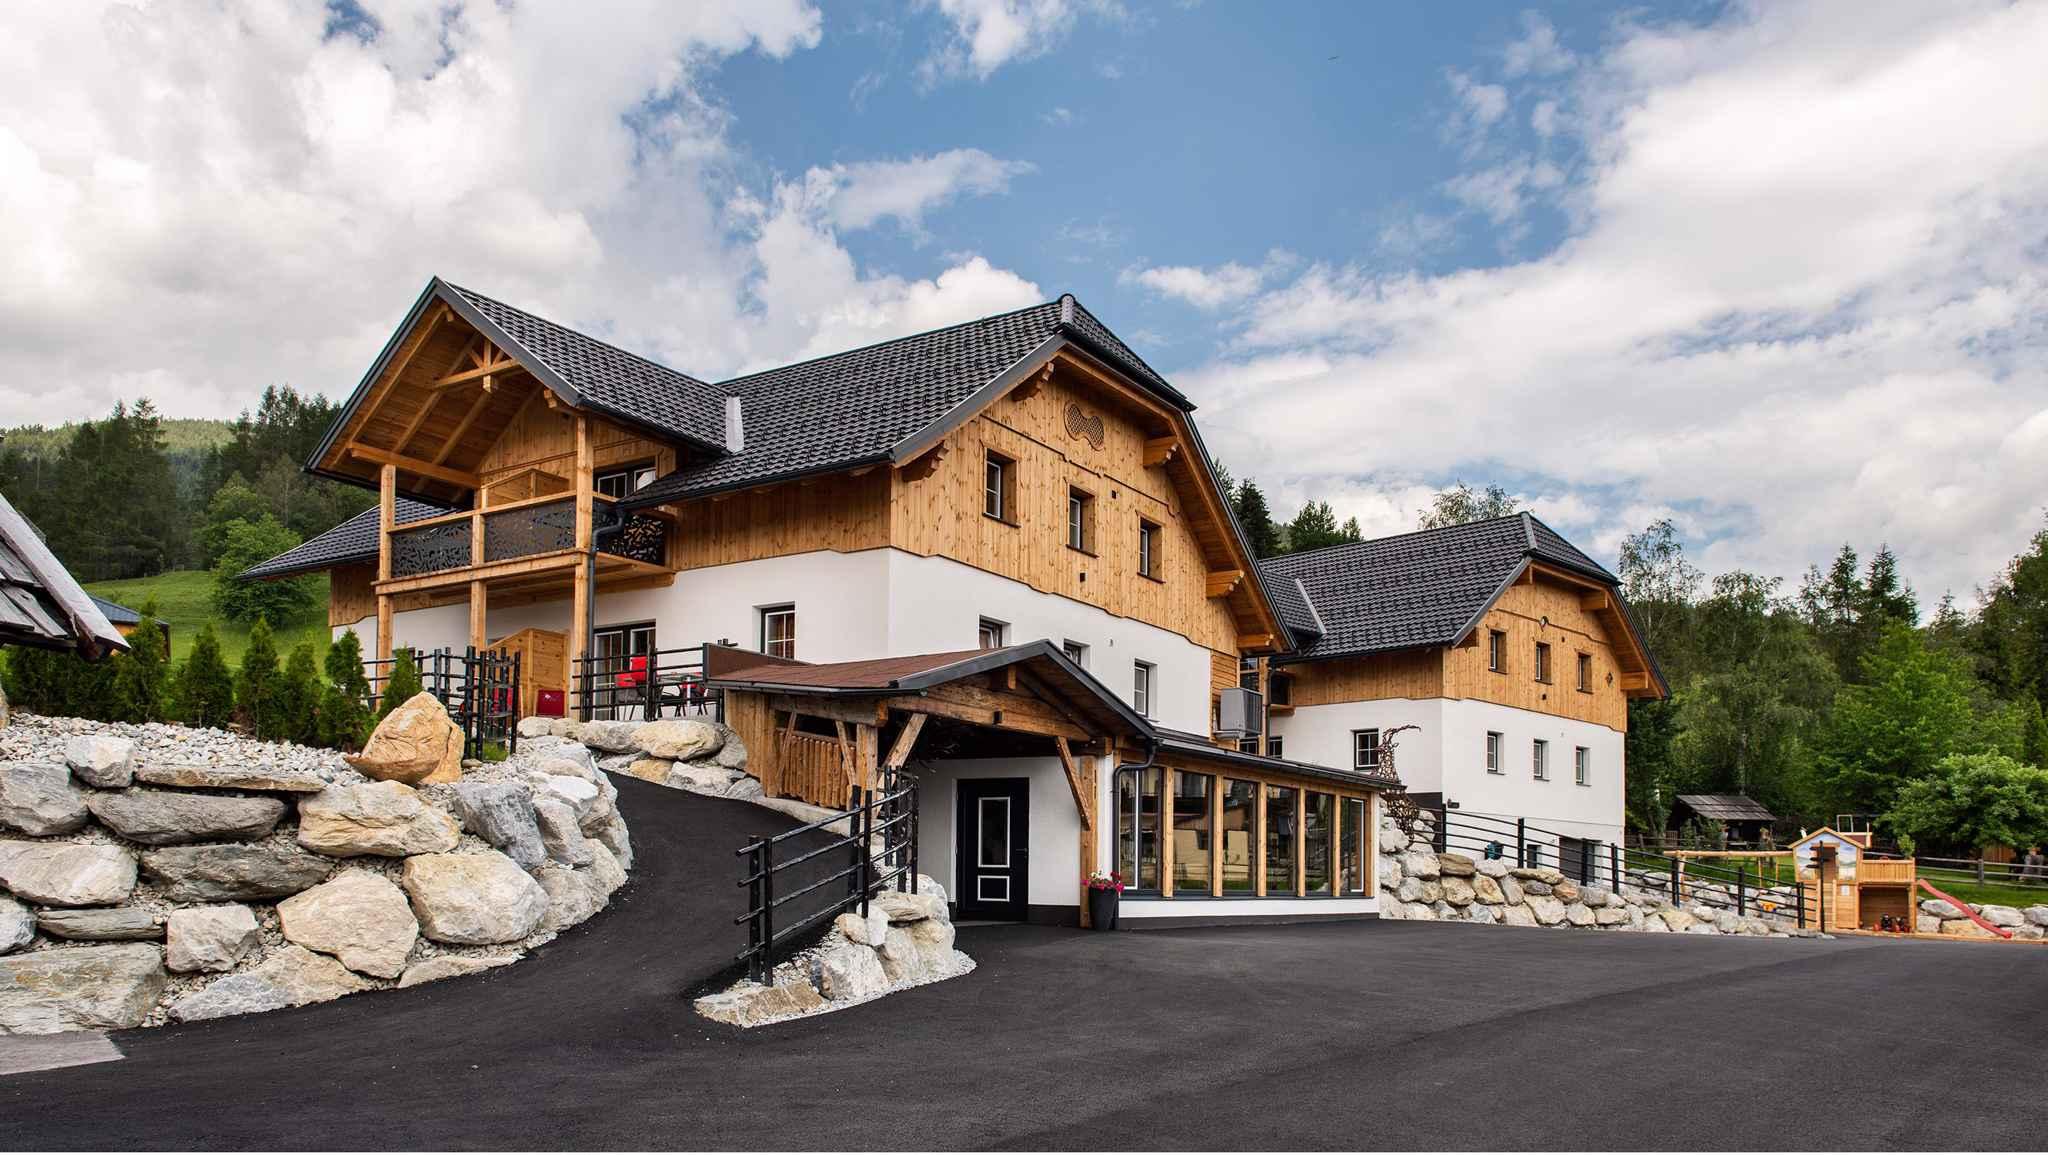 Ferienhaus im Feriendorf Edelweiss (2916176), Mariapfarr, Lungau, Salzburg, Österreich, Bild 2